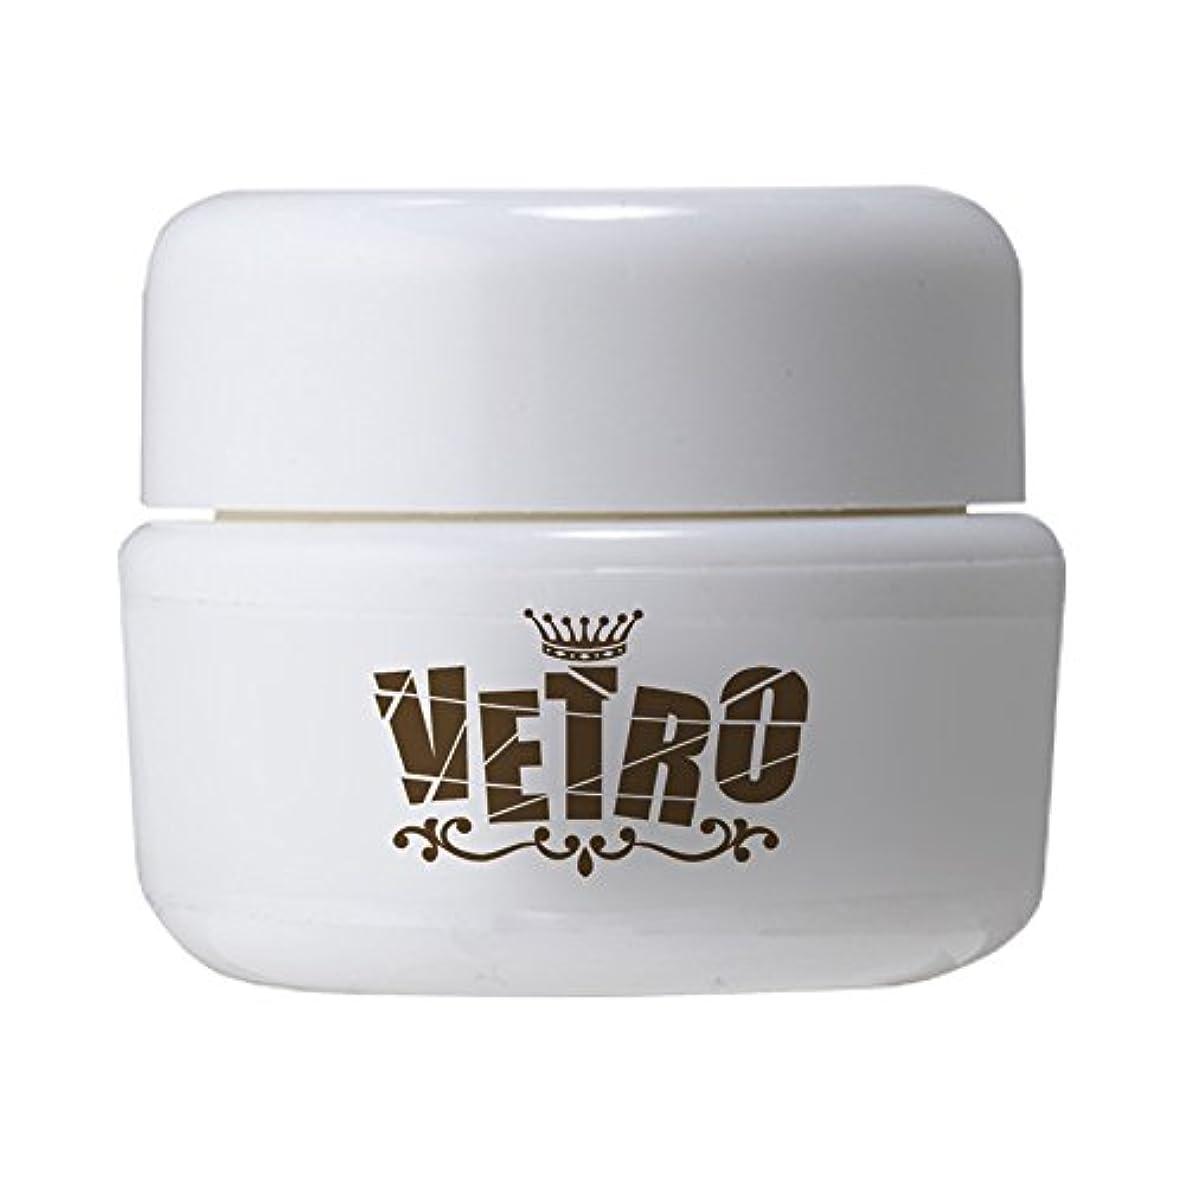 霜進化倒産VETRO カラージェル VL231 グレイッシュグレージュ 4ml テクスチャー:ノーマル マット UV/LED対応